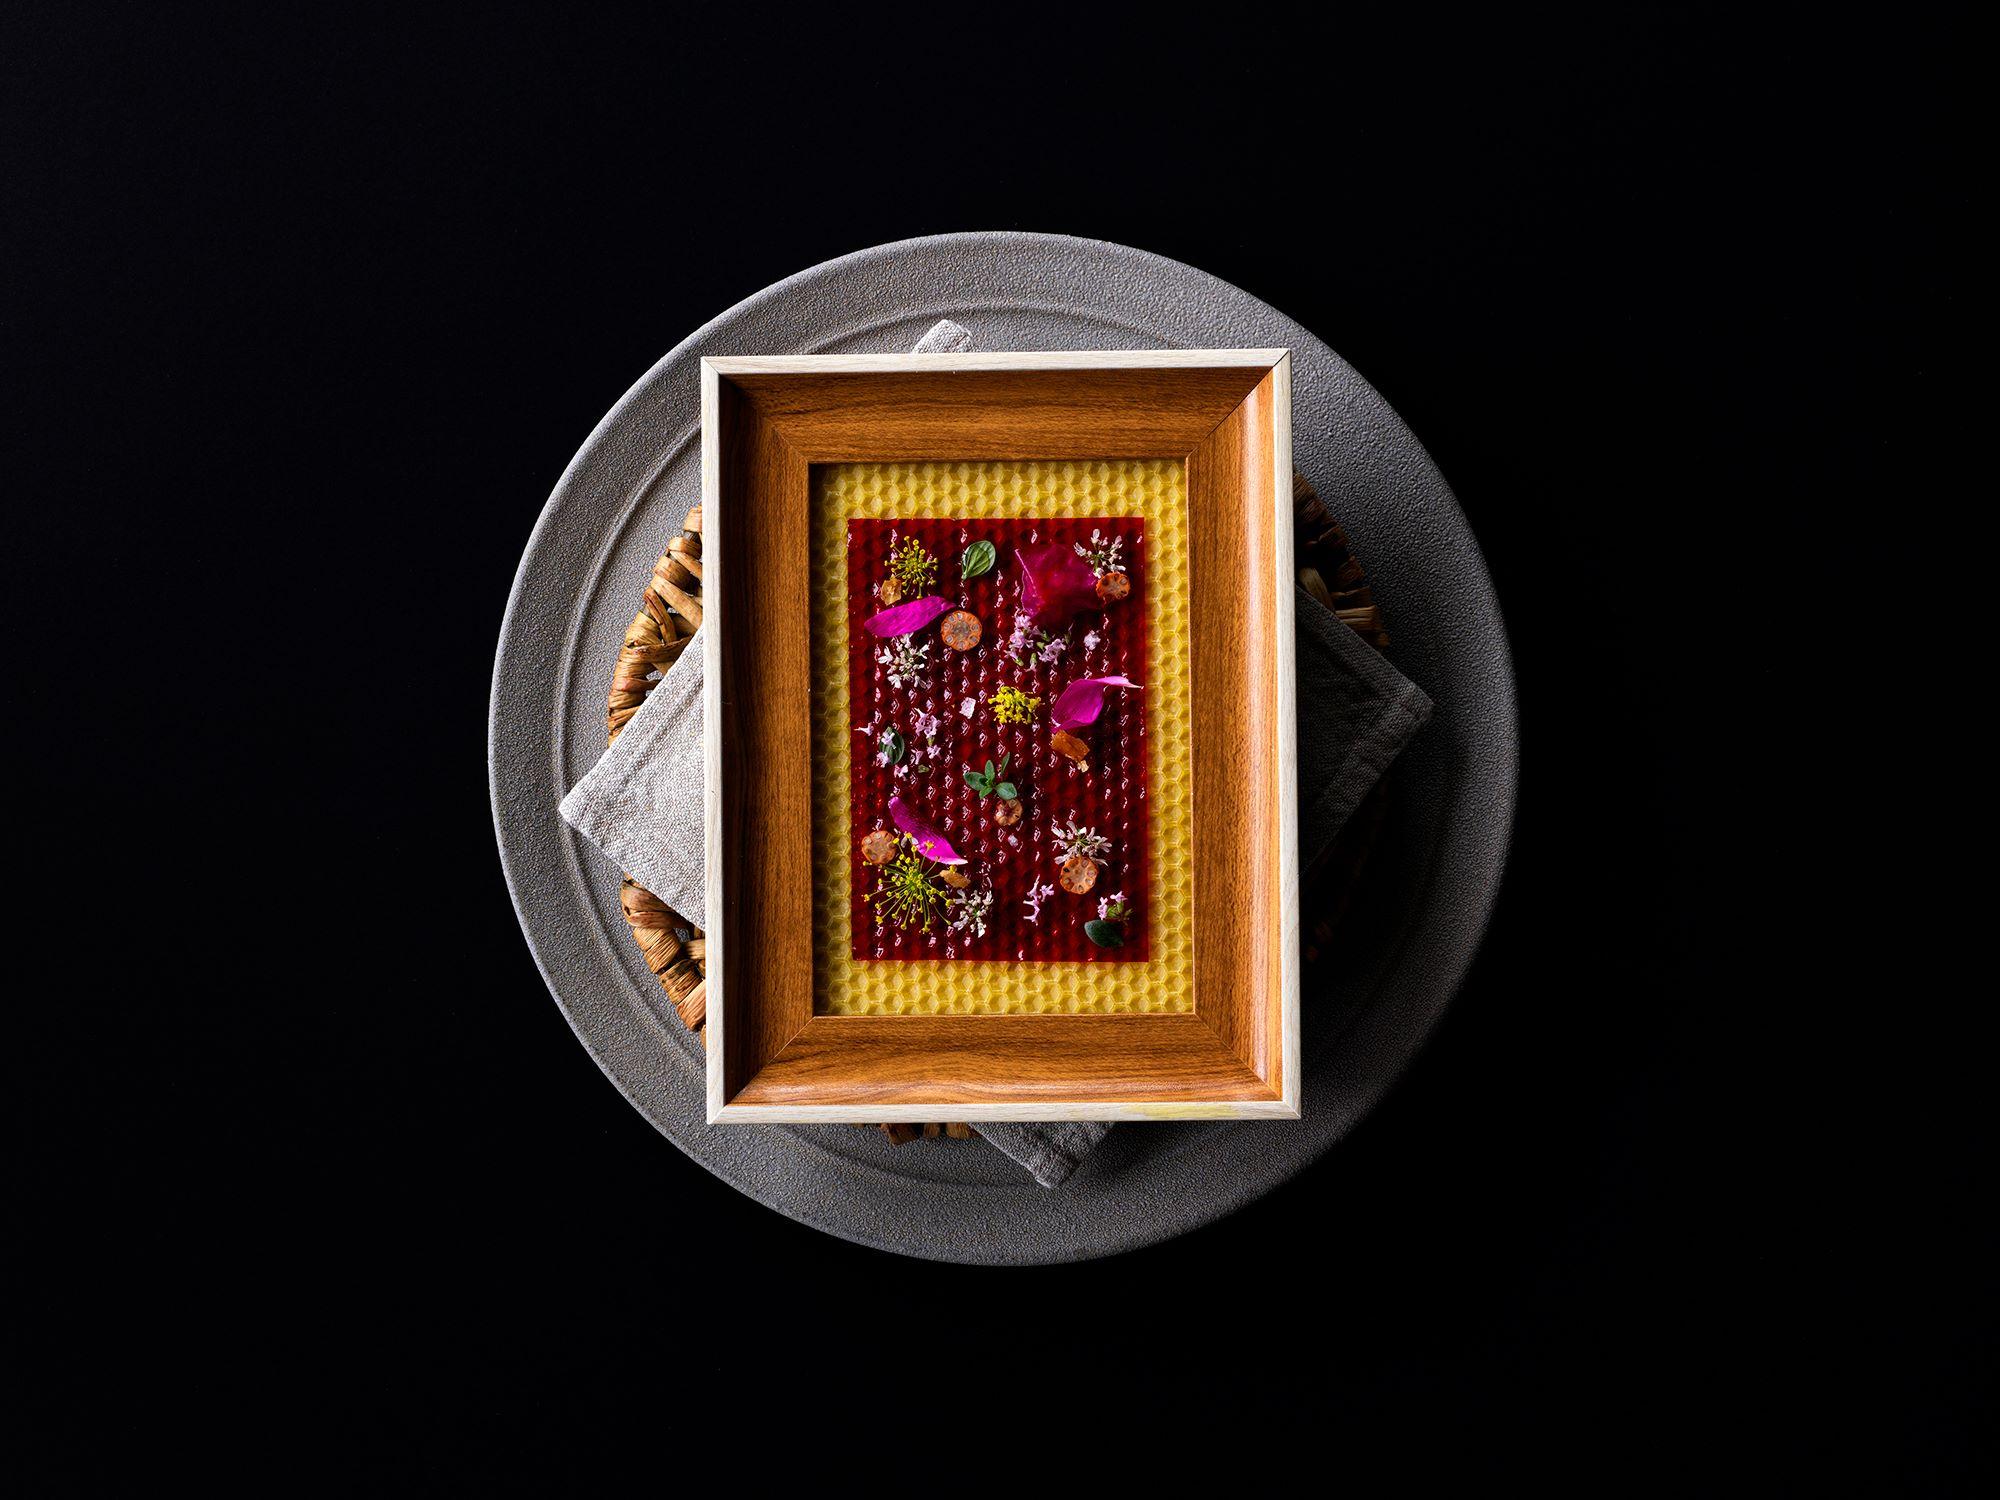 INUAの魅力を鮮明に表現する料理「プラムレザーとアロマティックフラワー」。プラムの果汁をシートにし、食べられる花やハーブなどをのせ、蜜蝋の上に置く。Photography Jason Loucas